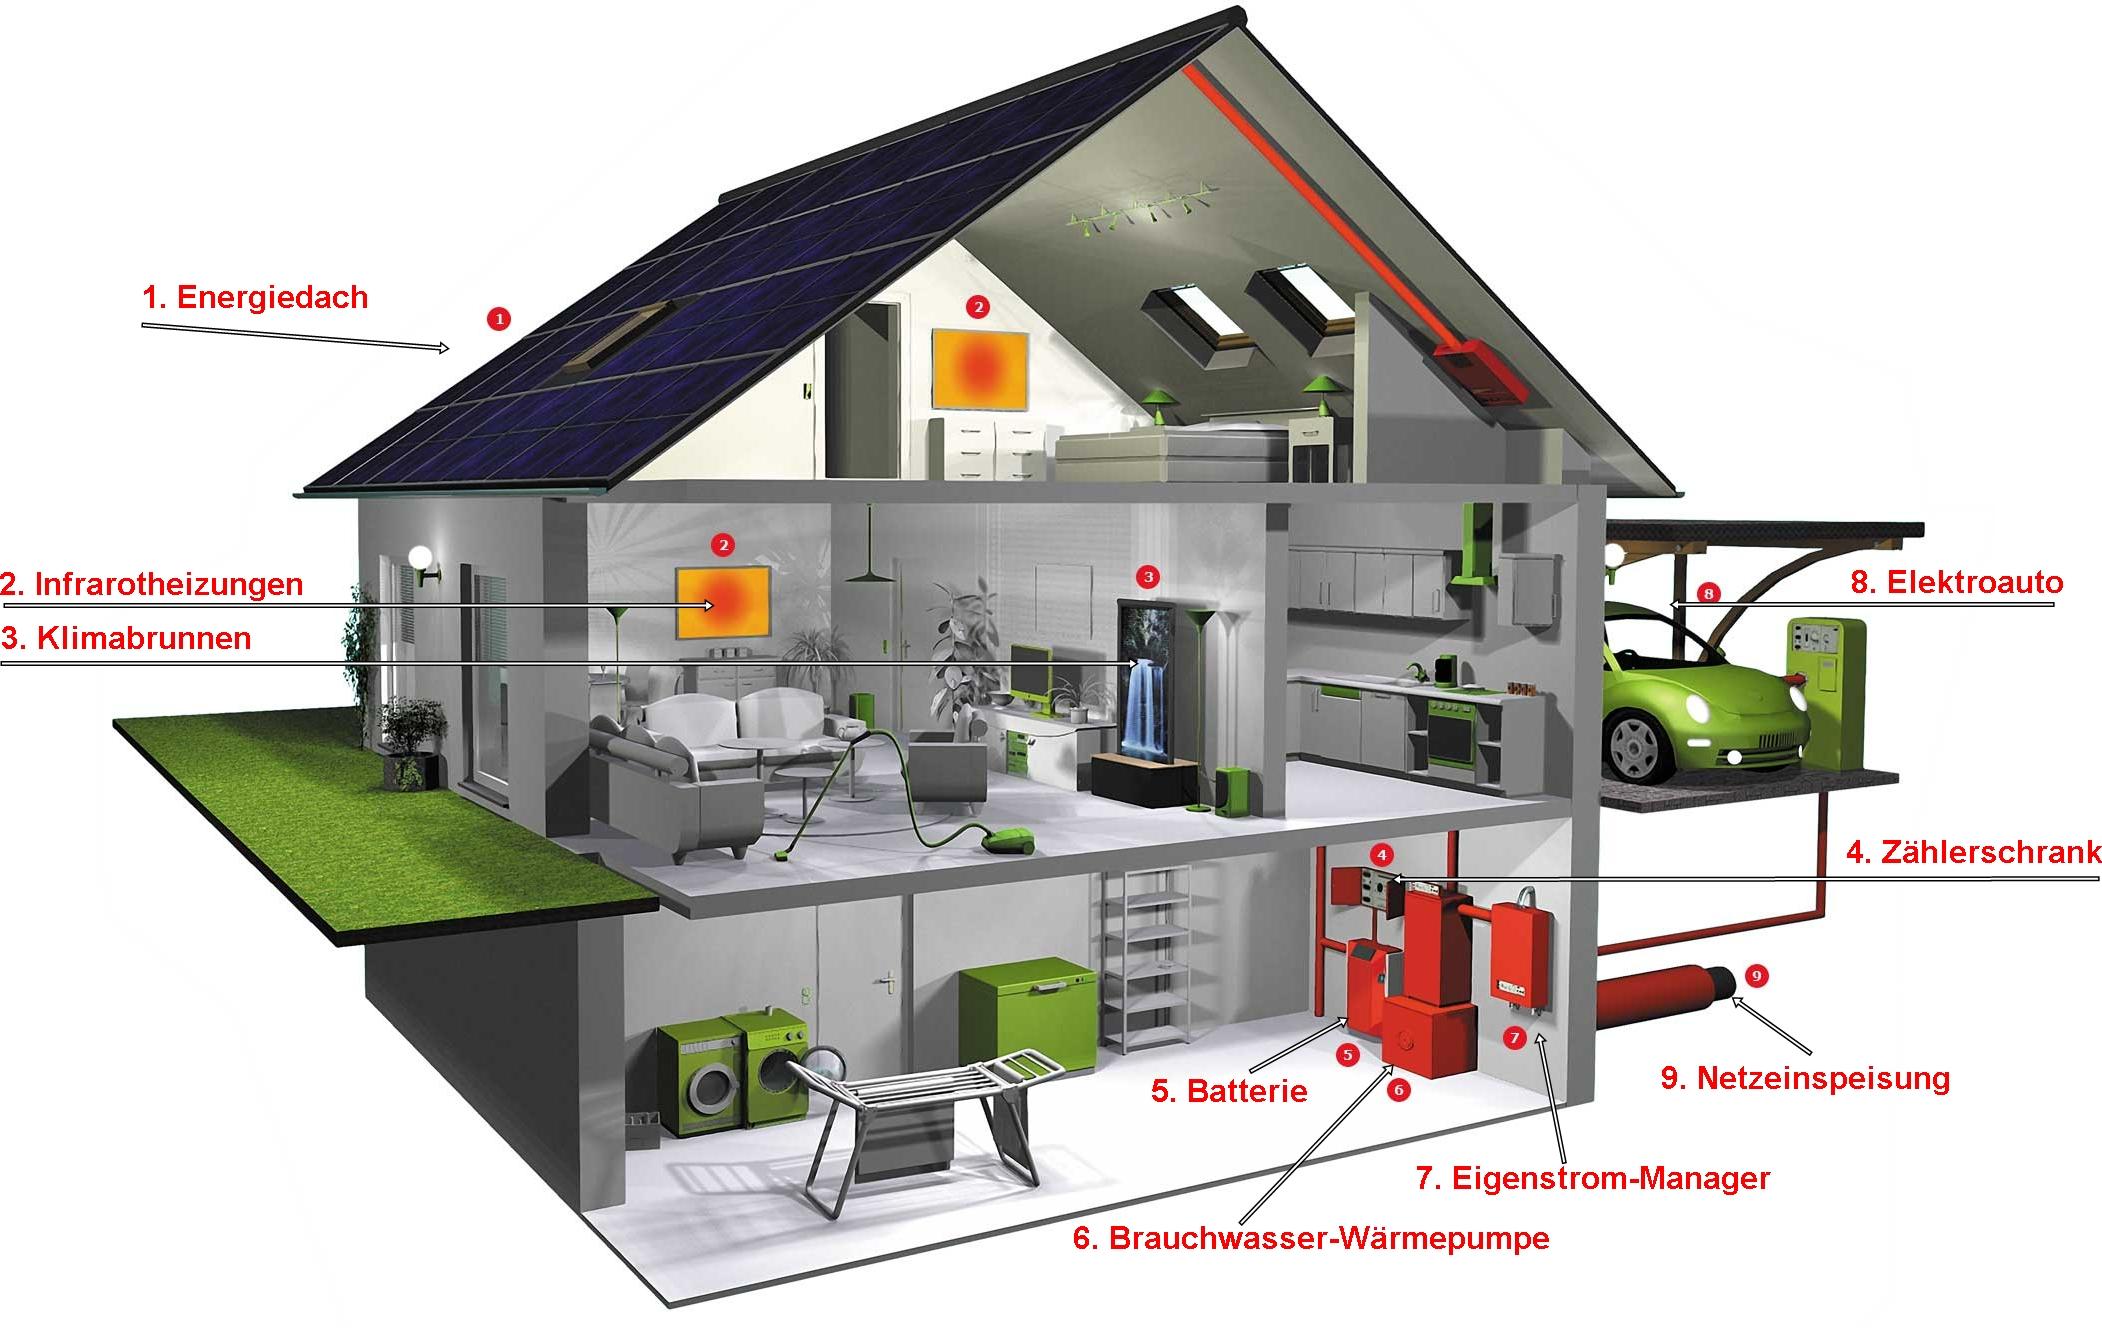 Energiehaus_Konzept